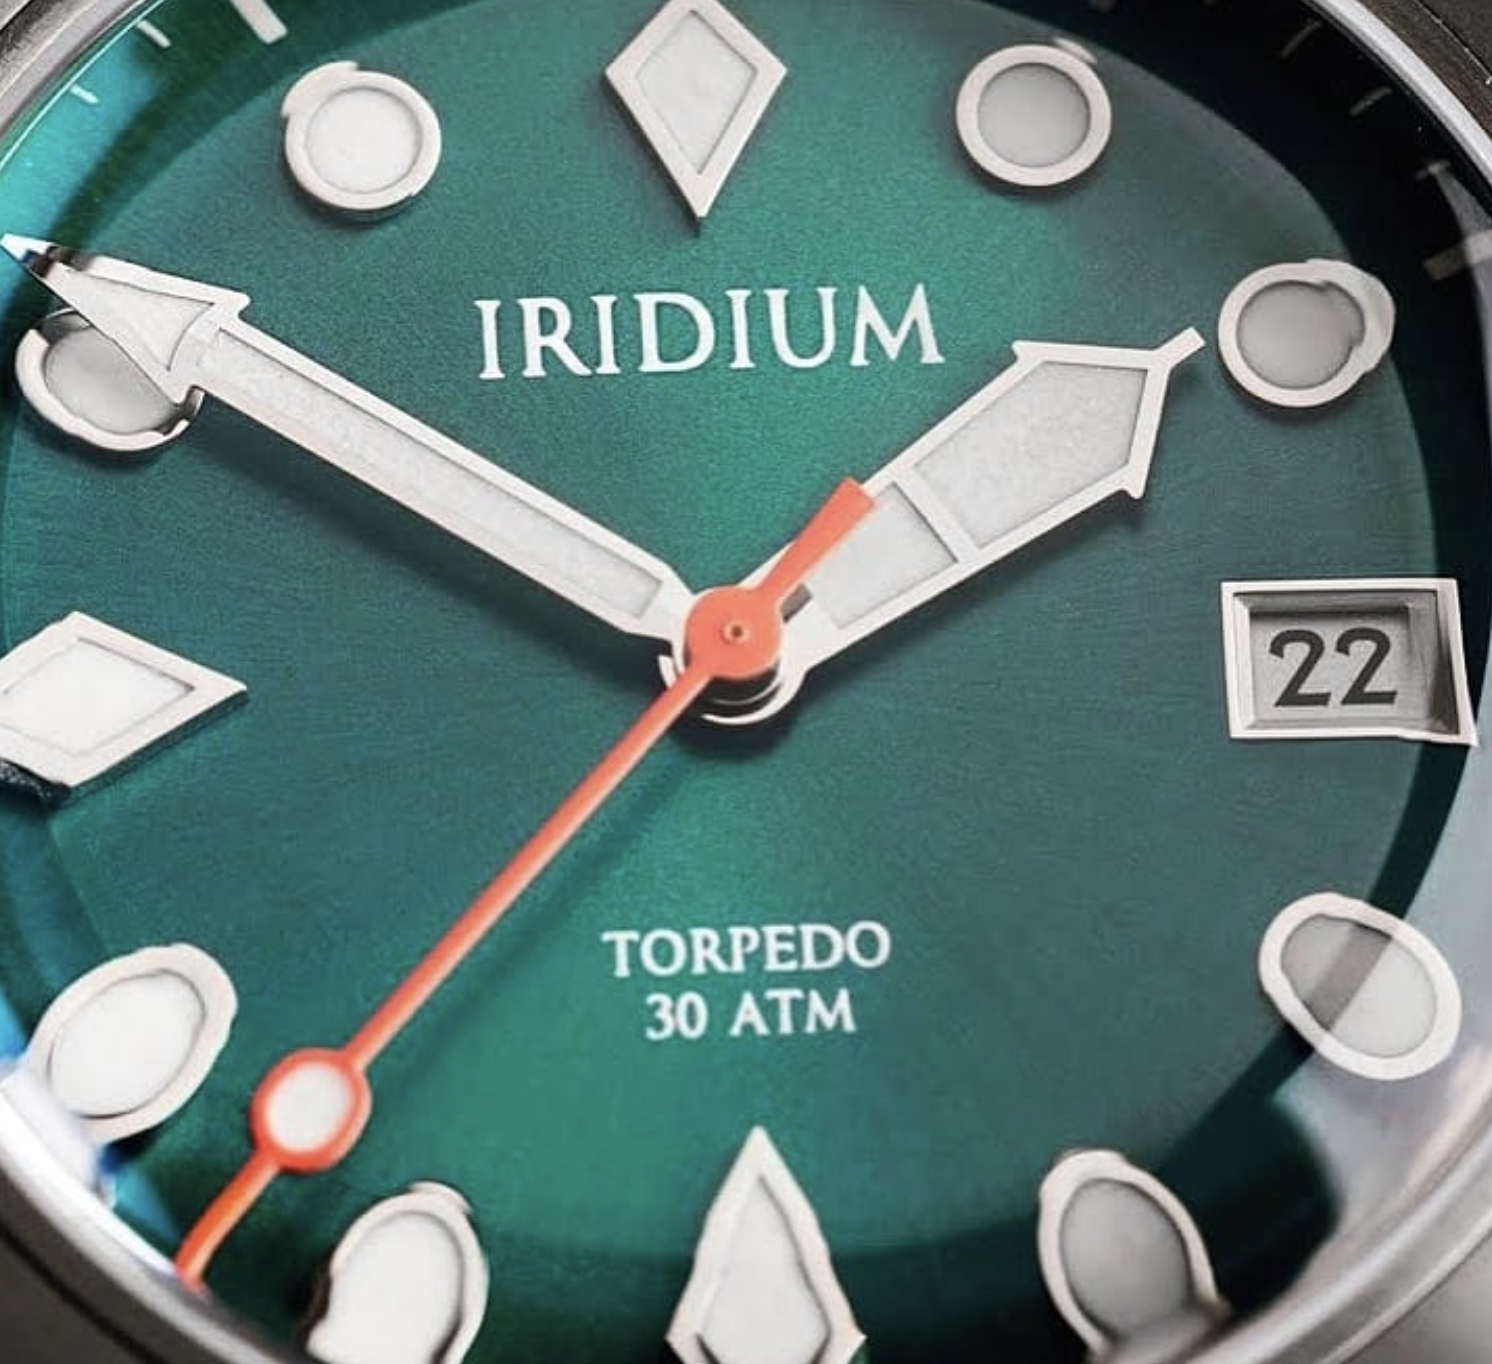 IRIDIUM Torpedo